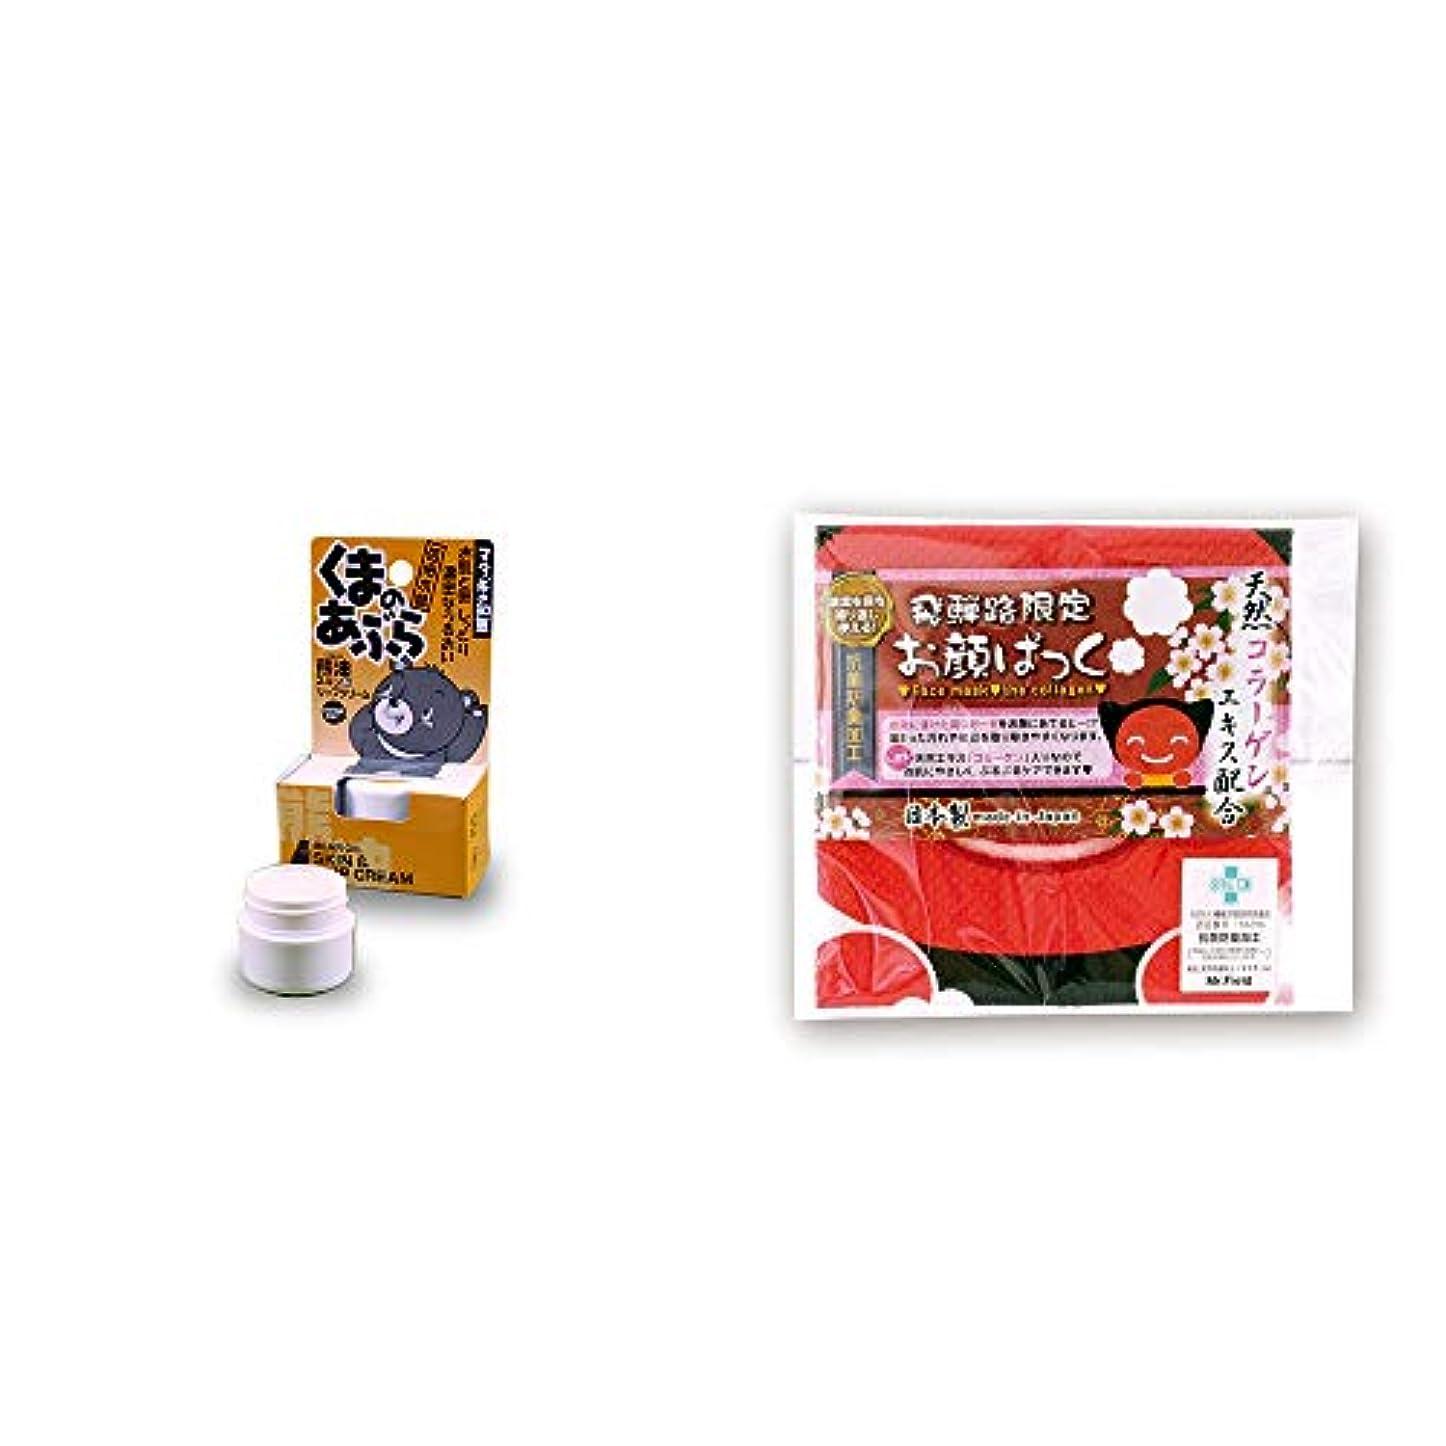 サーバフィヨルド収穫[2点セット] 信州木曽 くまのあぶら 熊油スキン&リップクリーム(9g)?飛騨路限定 さるぼぼ お顔ぱっく[耳かけ紐付き](1枚入)/繰り返し使えるガーゼ生地フェイスパック(日本製)//